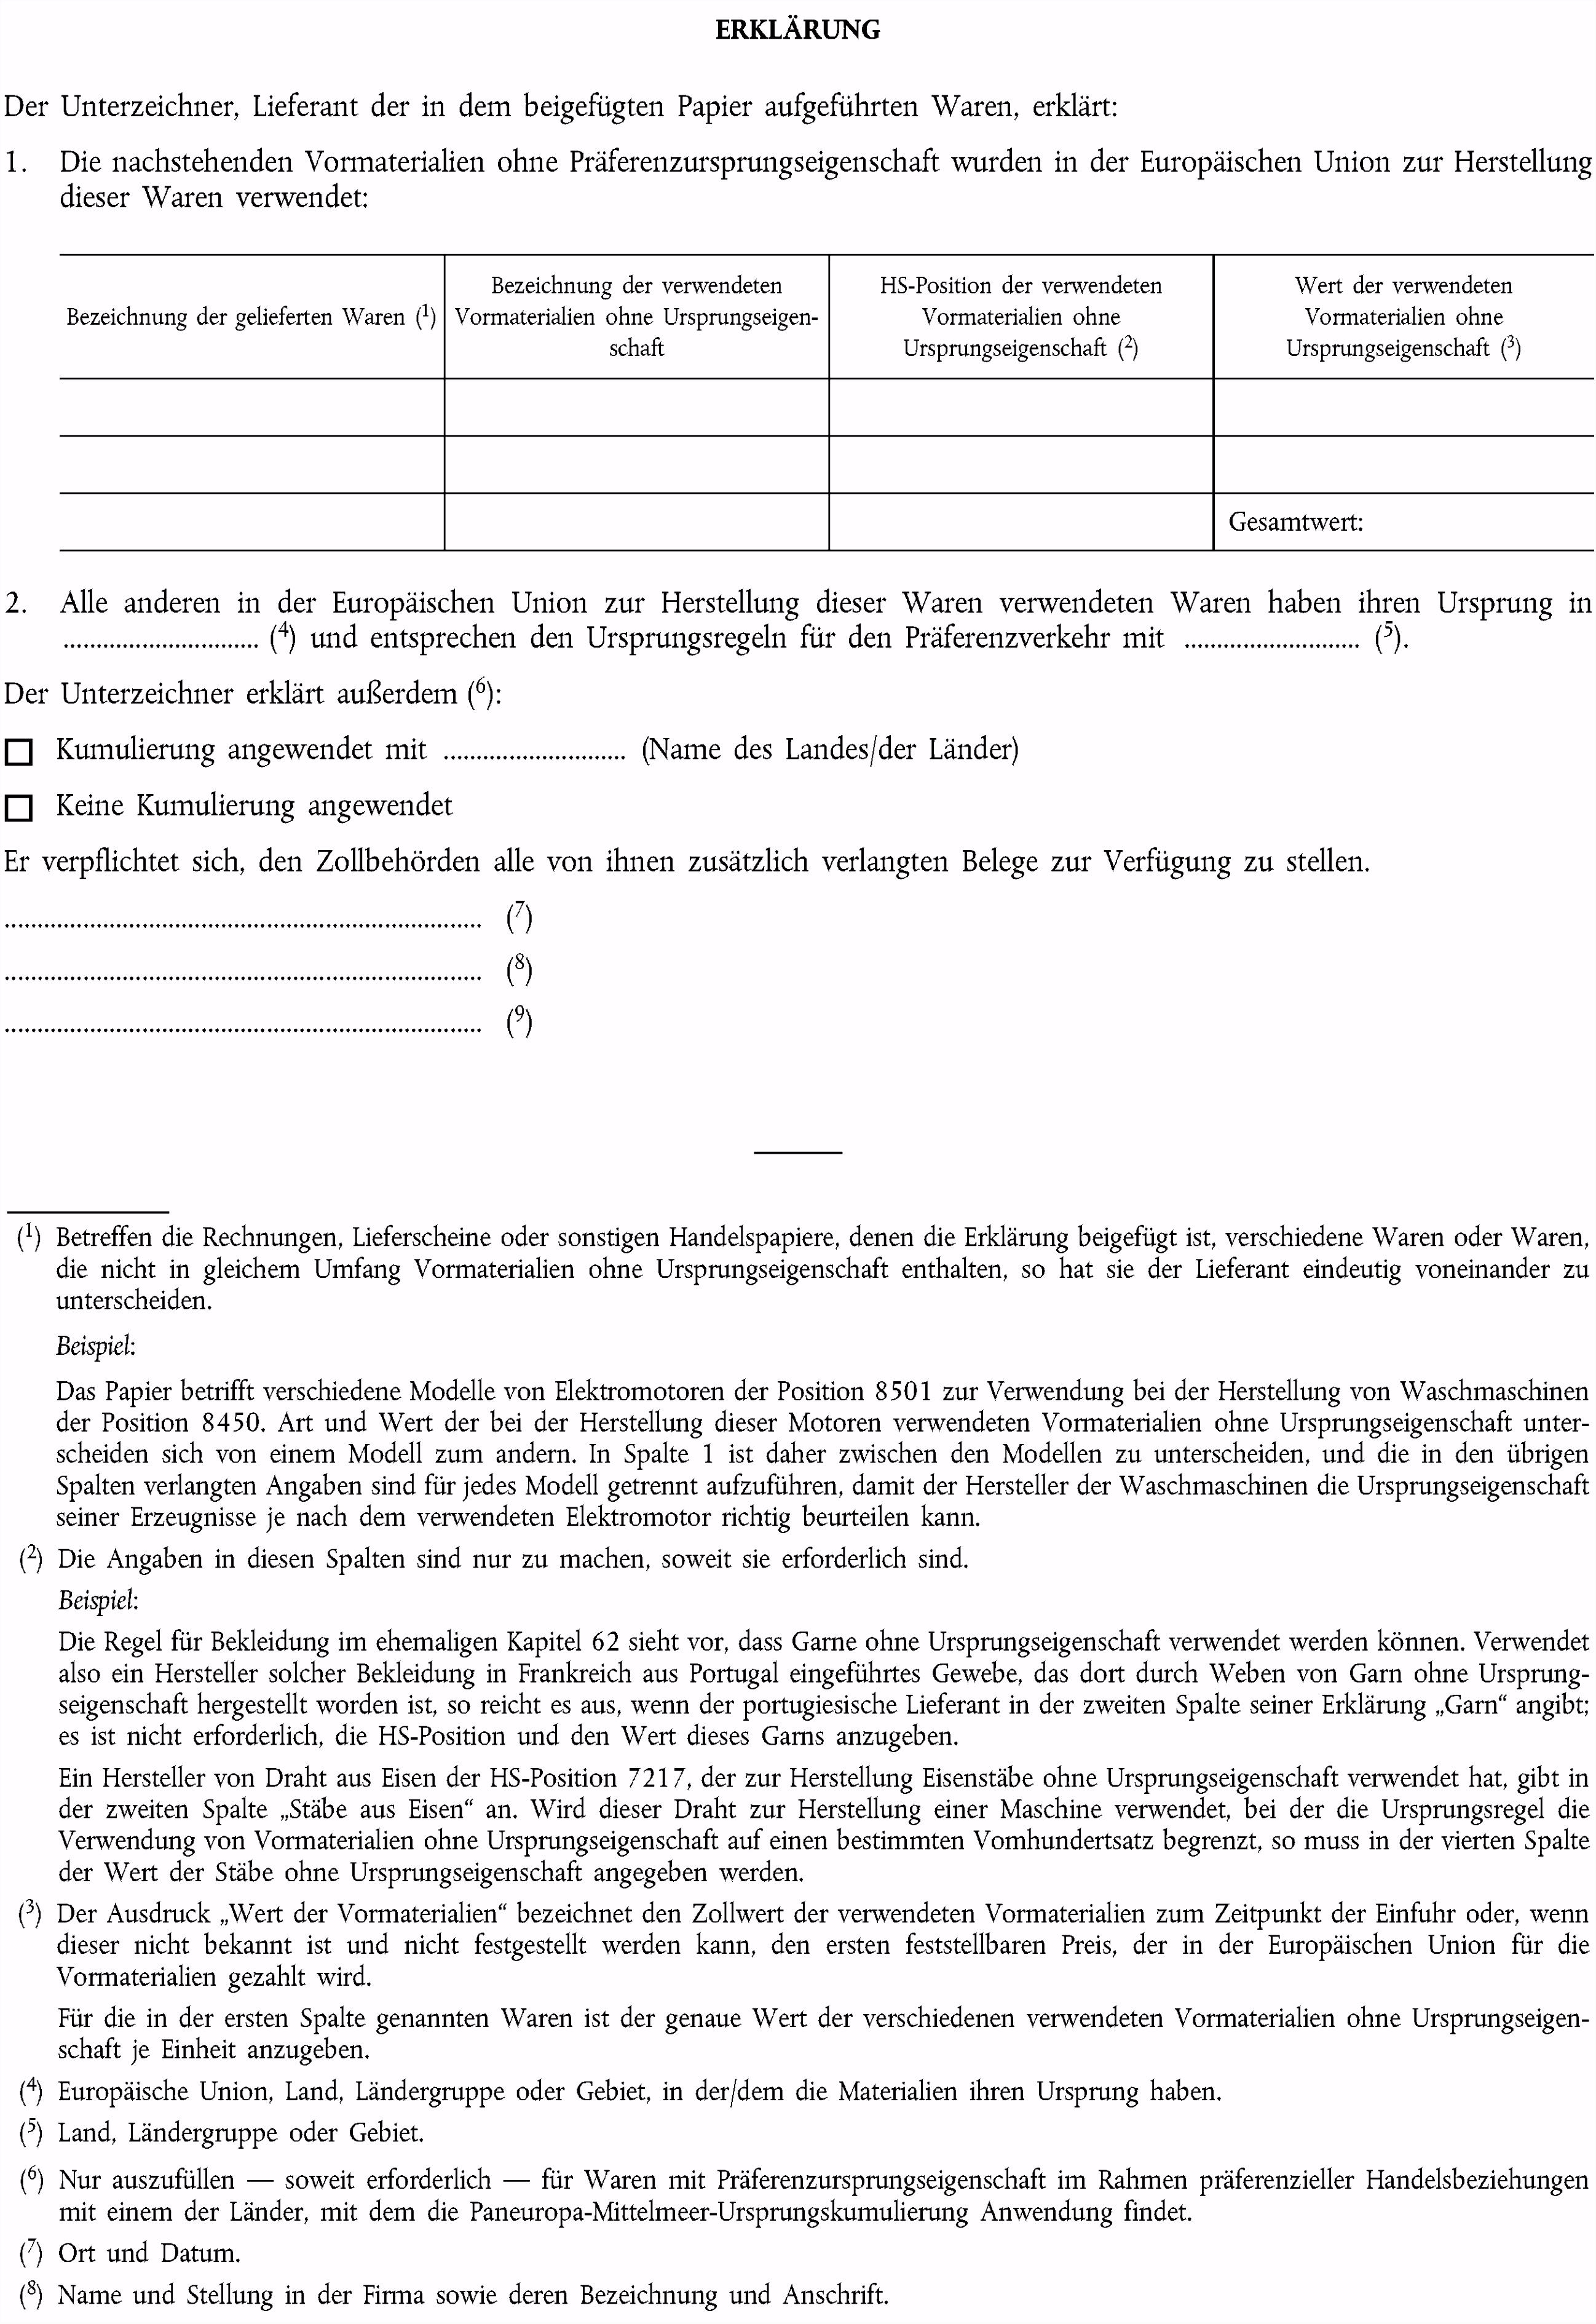 Lieferantenerklarung Nichtpraferenzieller Ursprung Vorlage Eur Lex R2447 En Eur Lex B7zv38nsn4 Tvig64lfn6